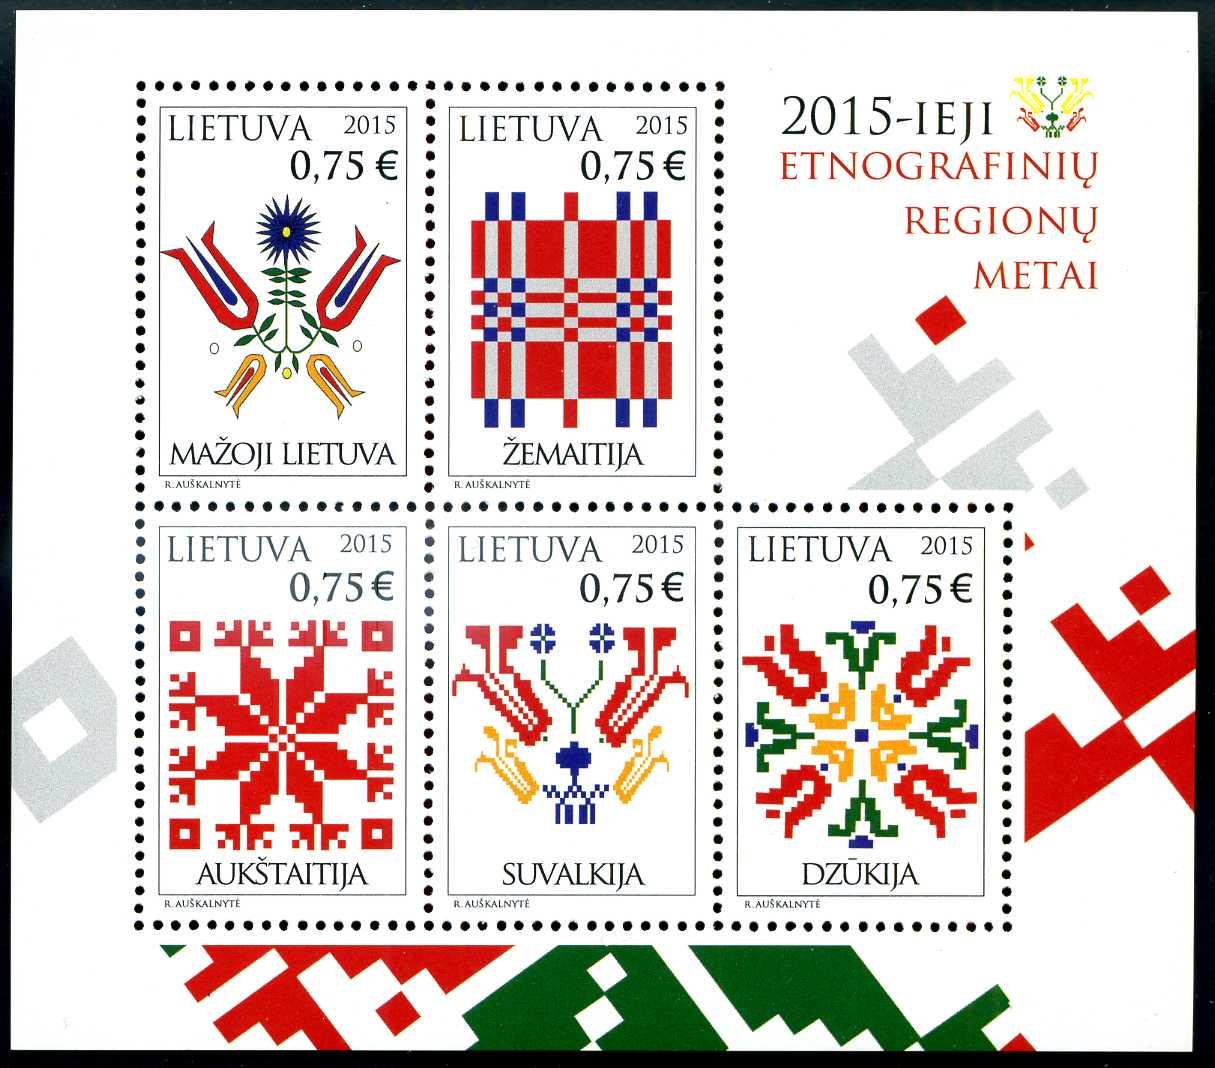 LT 352 2015 Etnographische Regionen.jpg